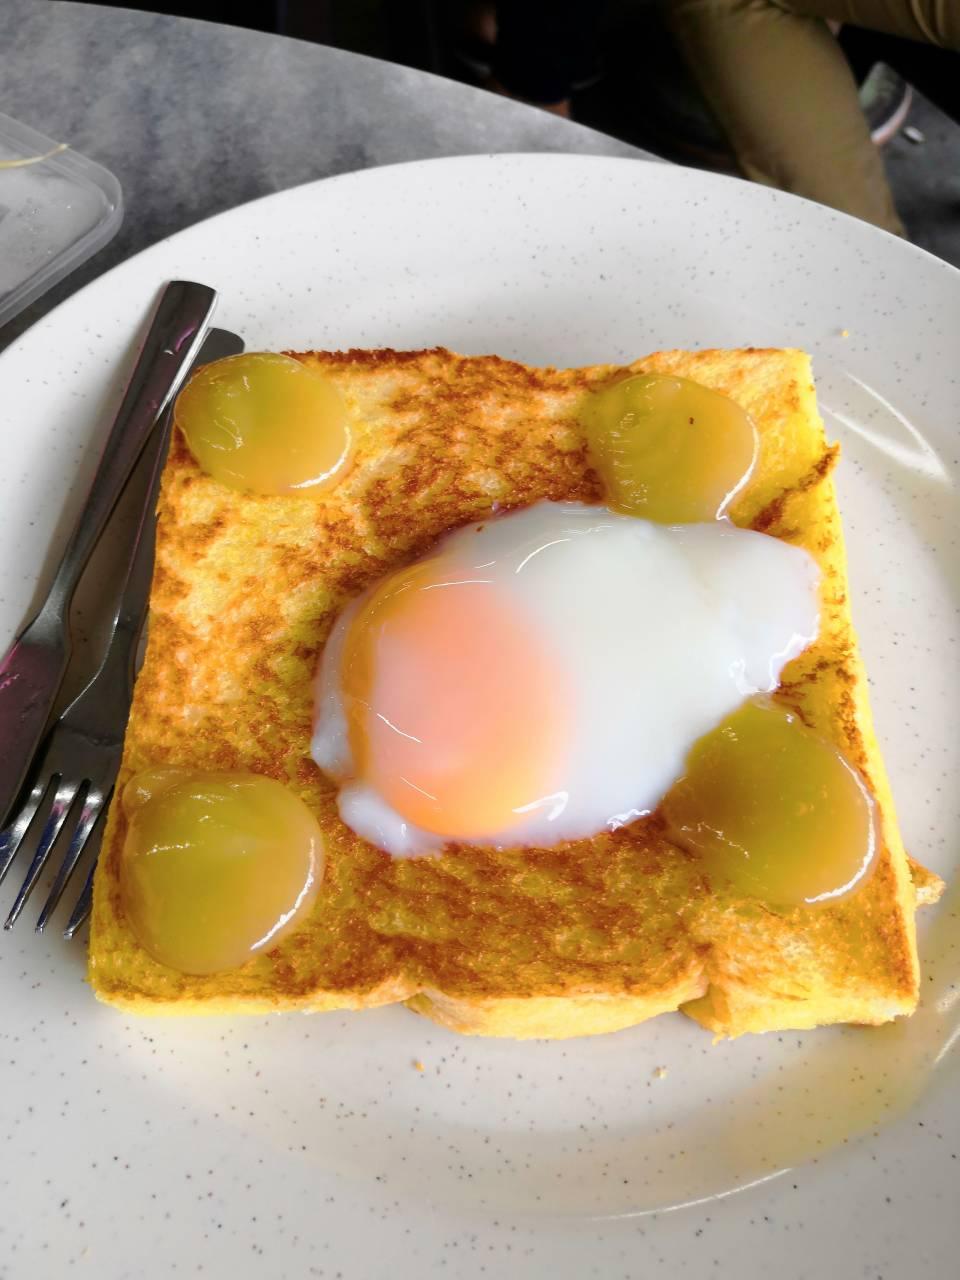 KB 有名的鸡蛋面包